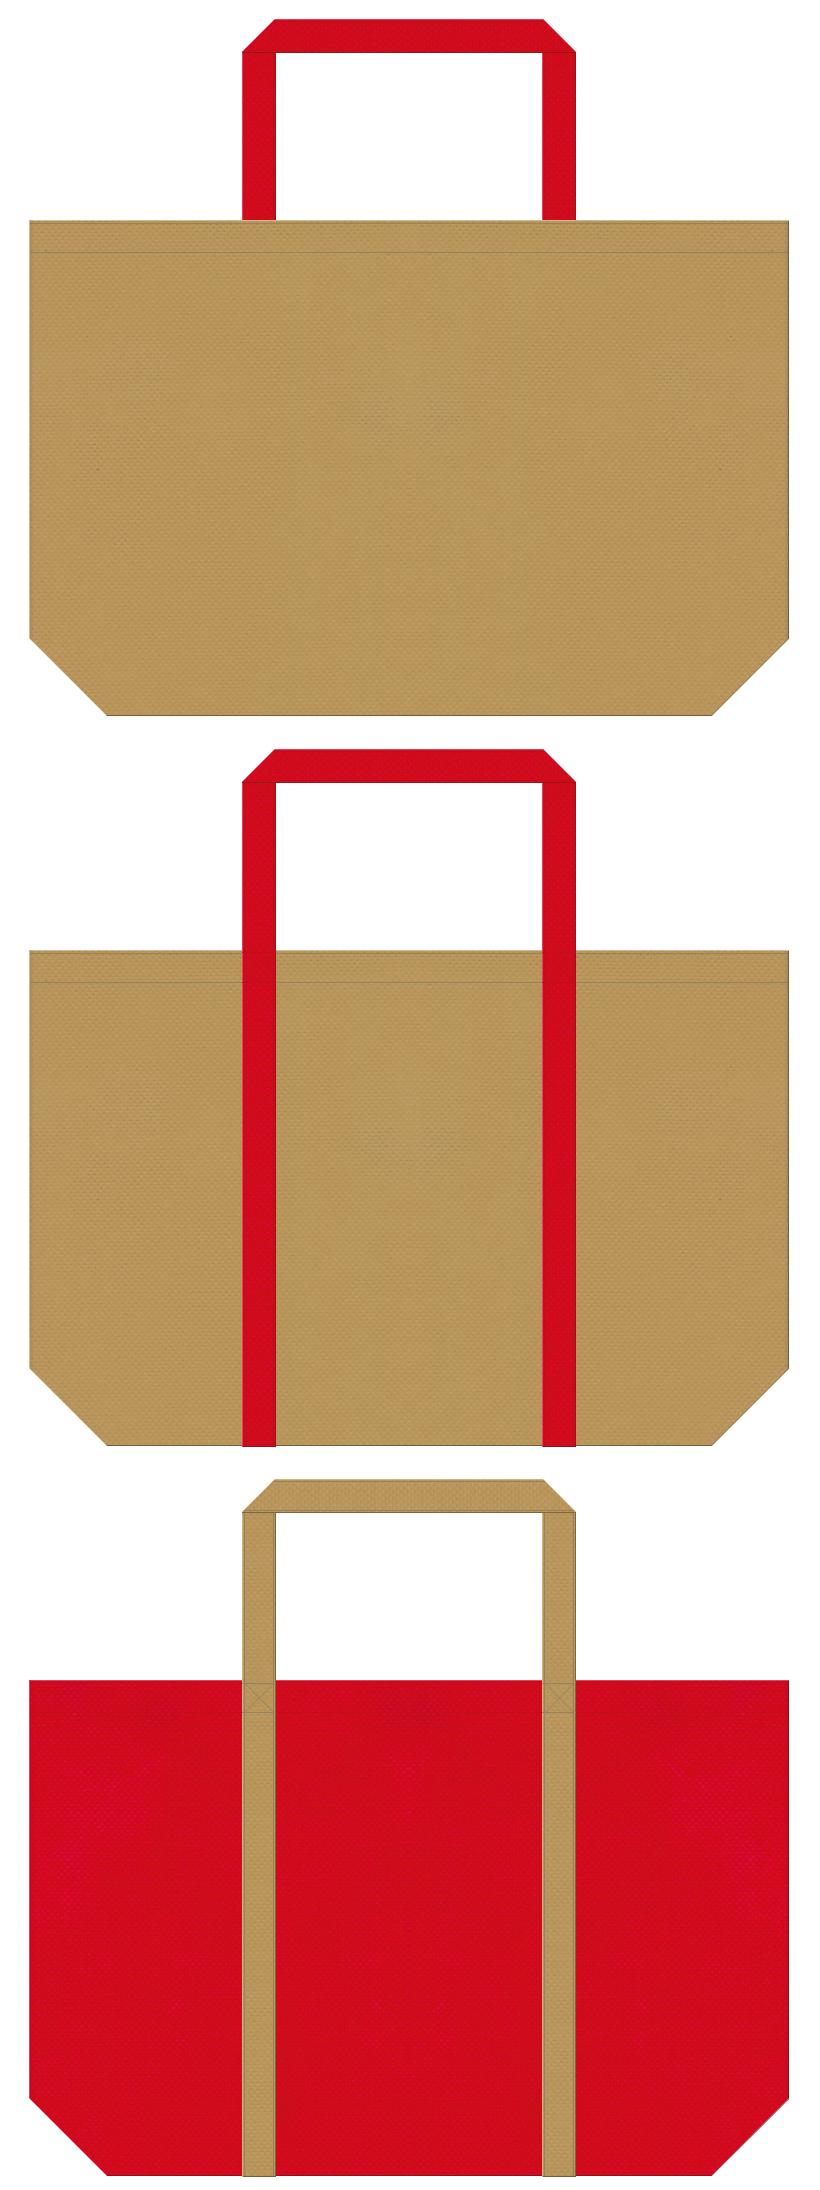 金色系黄土色と紅色の不織布ショッピングバッグデザイン。